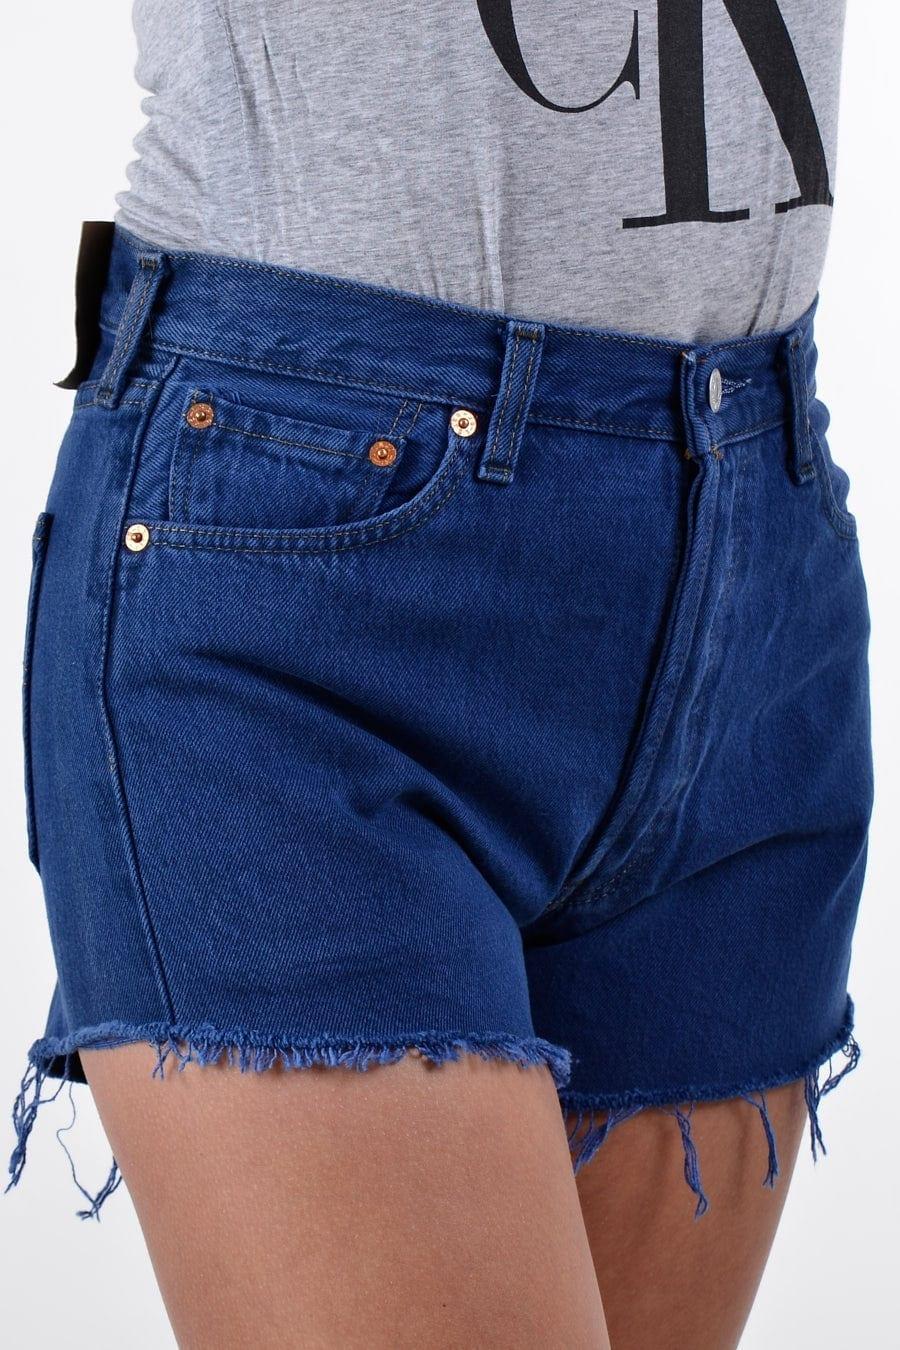 Vintage Levi's 501 cut off shorts